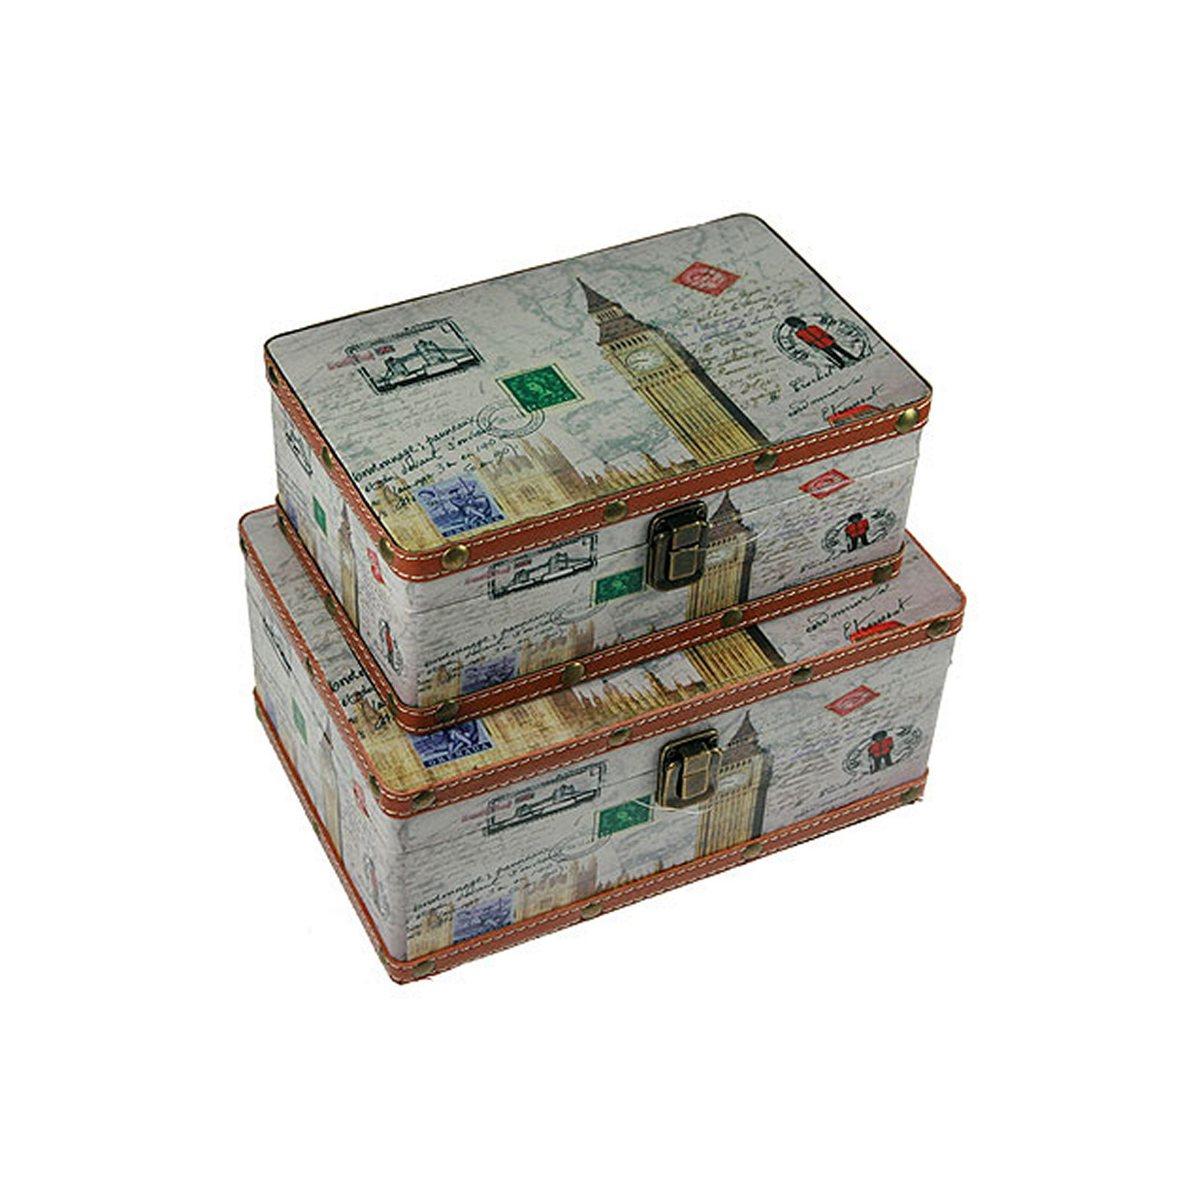 Набор сундучков Roura Decoracion, 27 х 18 х 12 см, 2 шт. 34717 набор сундучков roura decoracion 27 х 14 х 10 см 2 шт 34554